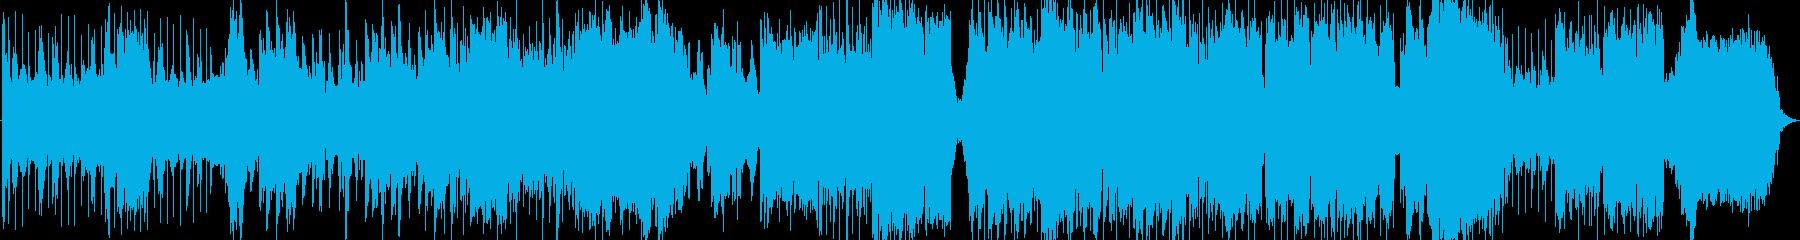 生演奏《 冒険感のある勇ましいオカリナ曲の再生済みの波形